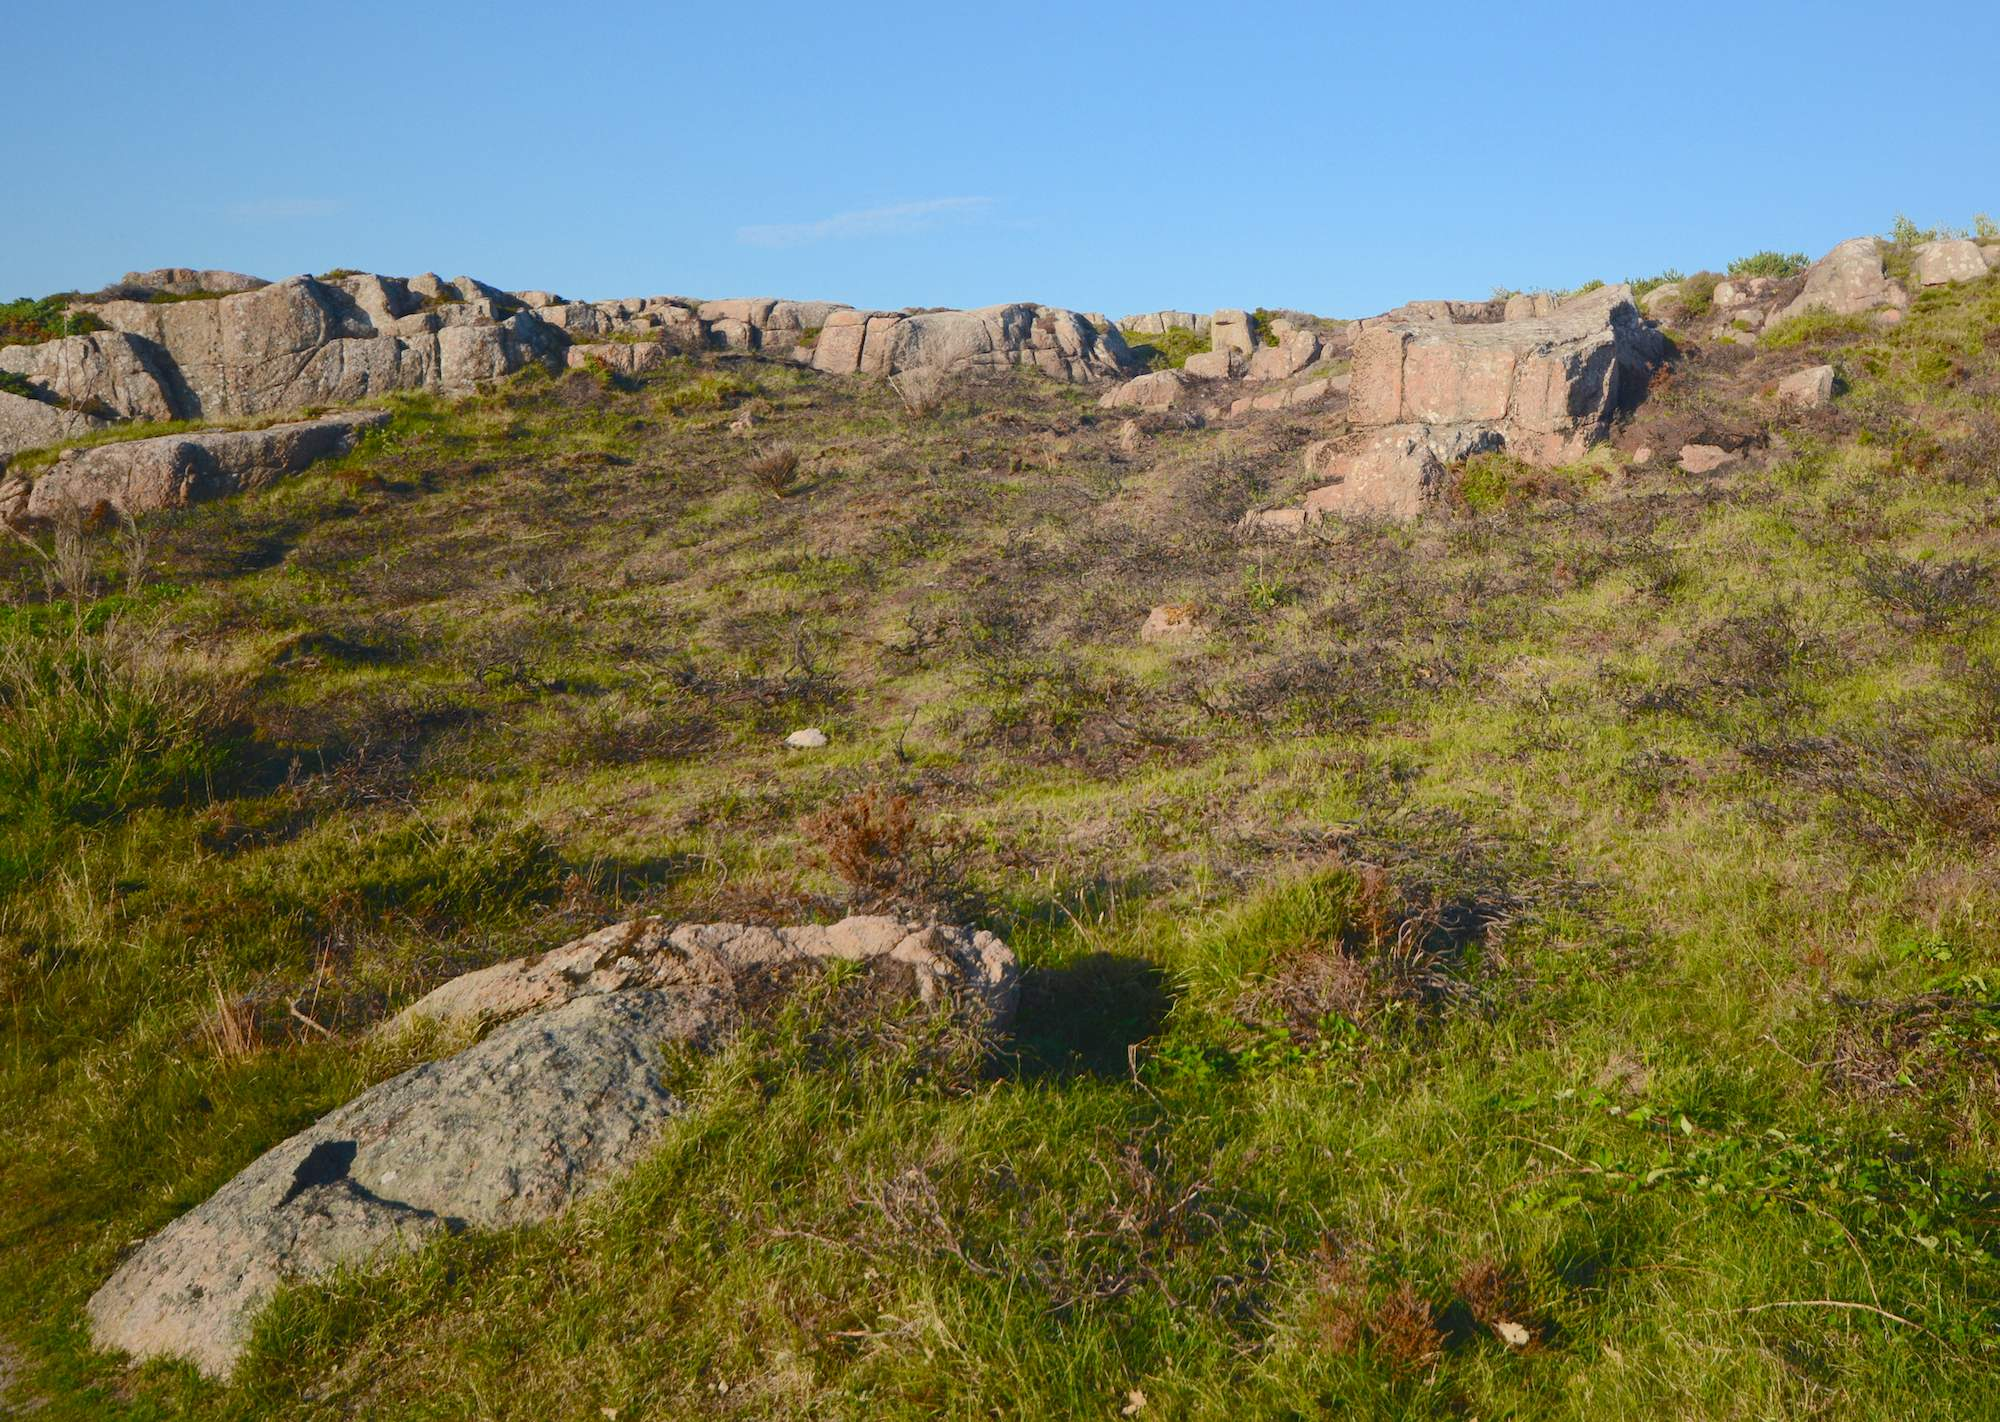 Hammerknuden, Borholm. Klippehede udsat for kontrolleret afbrænding for at forynge hedelyngen og komme anden tilgroning til livs (foto: Rune Engelbreth Larsen)